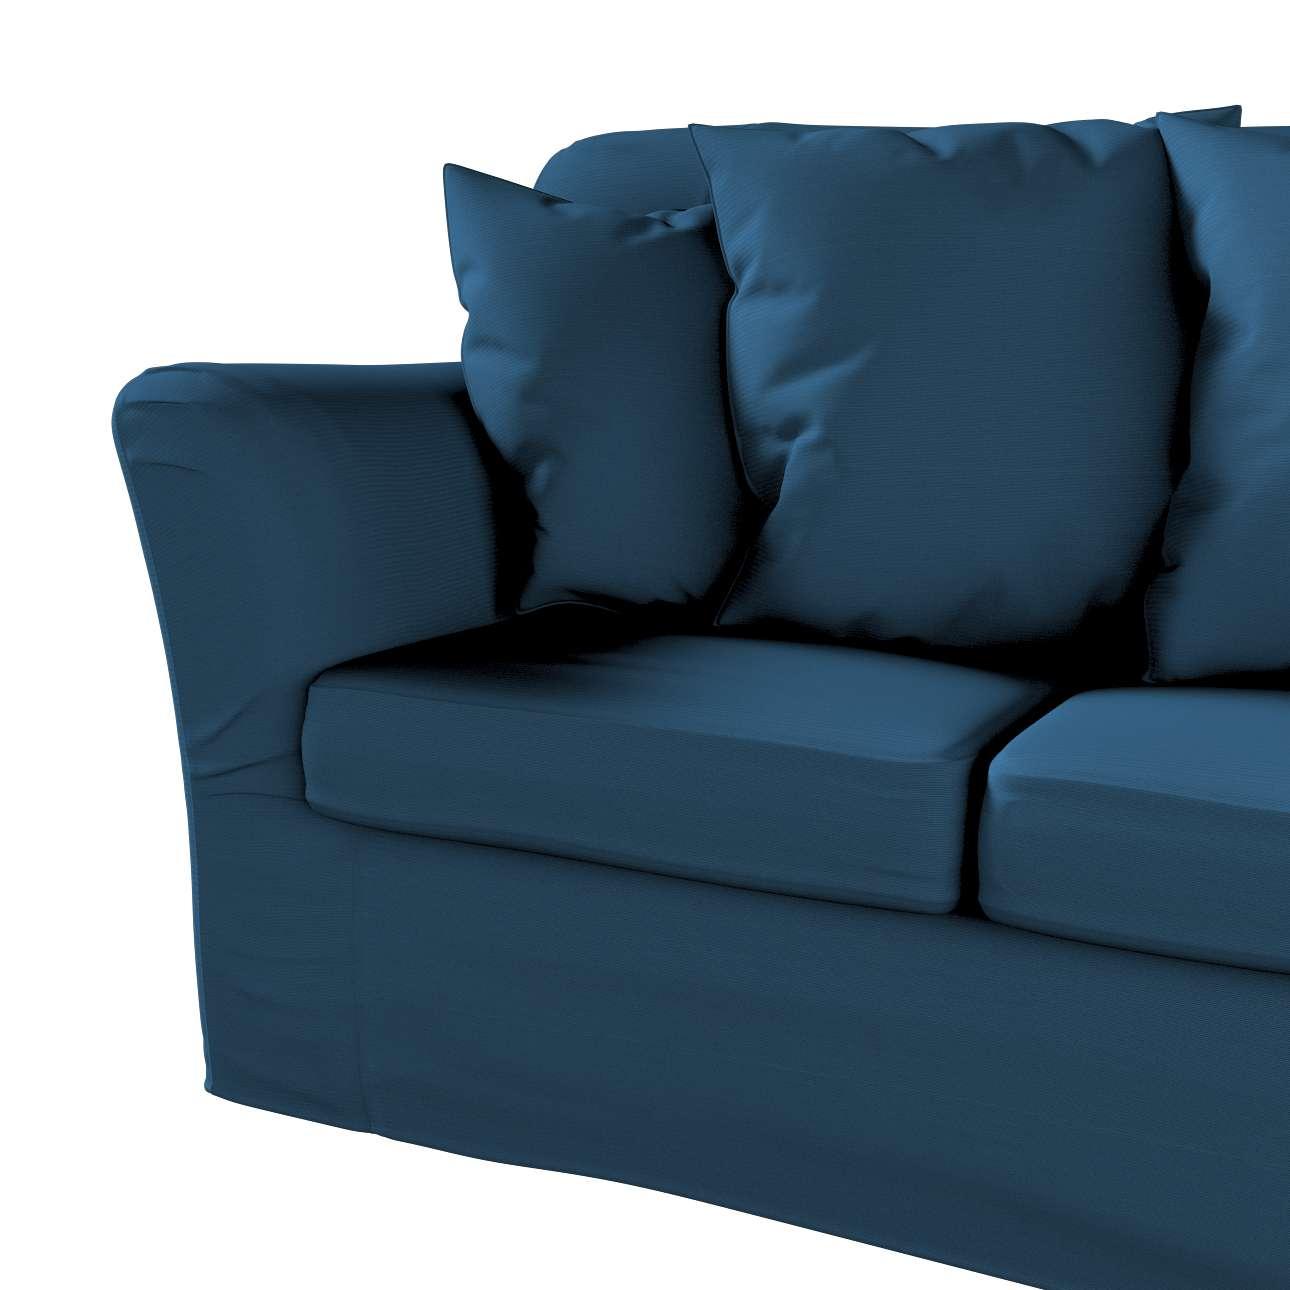 Pokrowiec na sofę Tomelilla 3-osobową nierozkładaną w kolekcji Cotton Panama, tkanina: 702-30